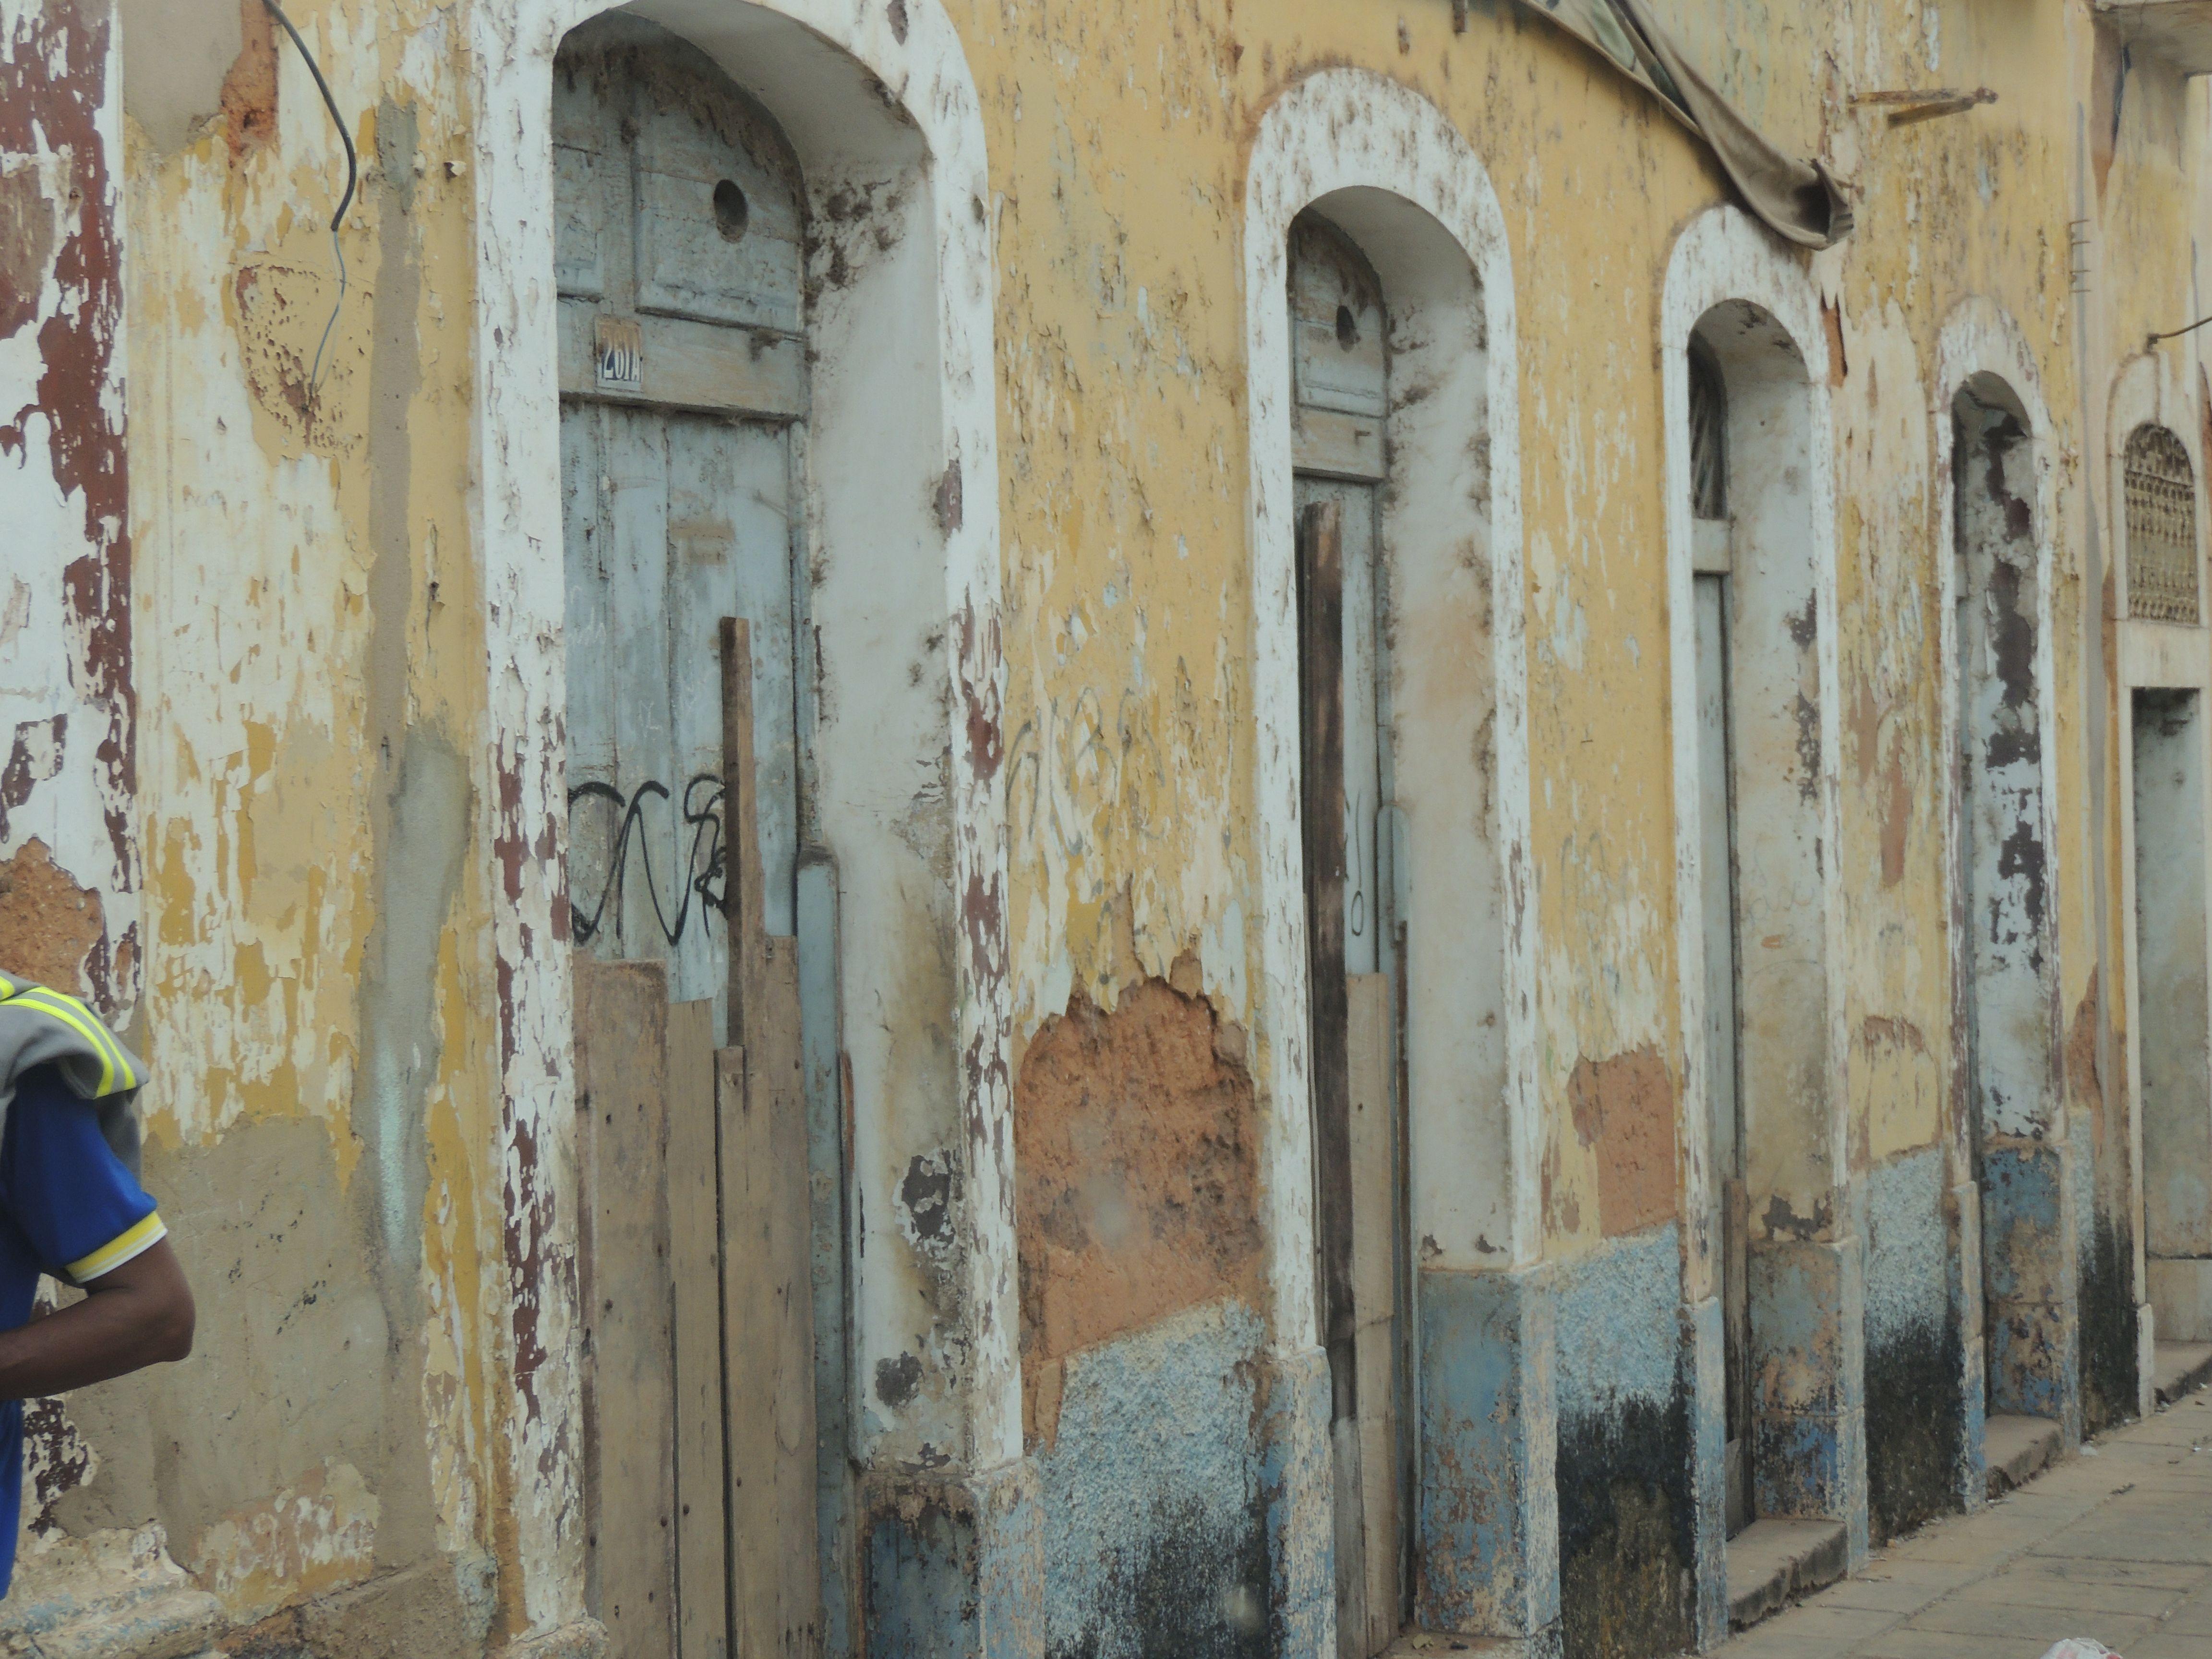 Centro Histórico de São Luis, Maranhão, preservação ainda aguardando cuidados.